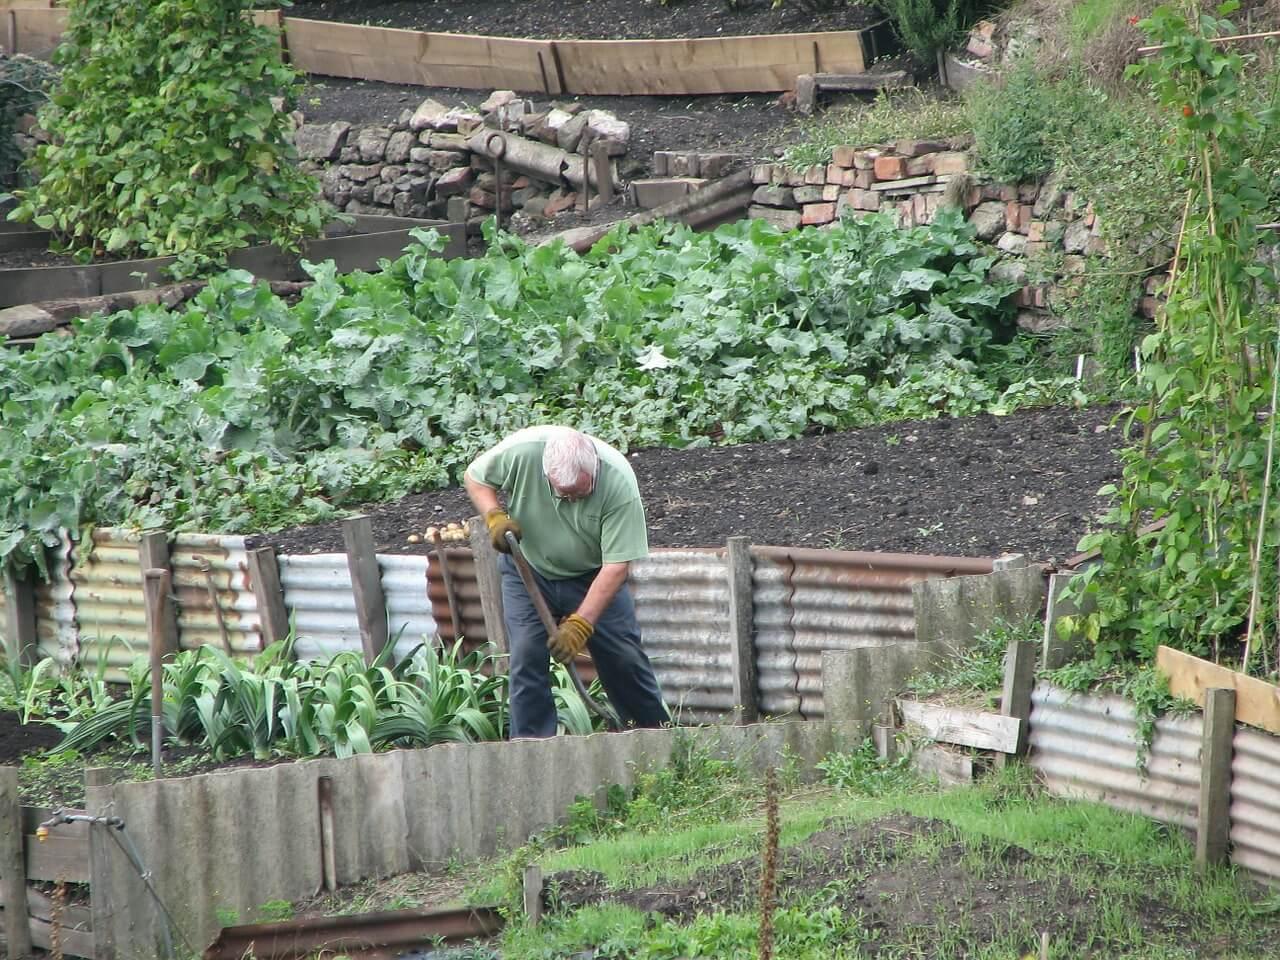 Kleingärtner bei der Gartenarbeit